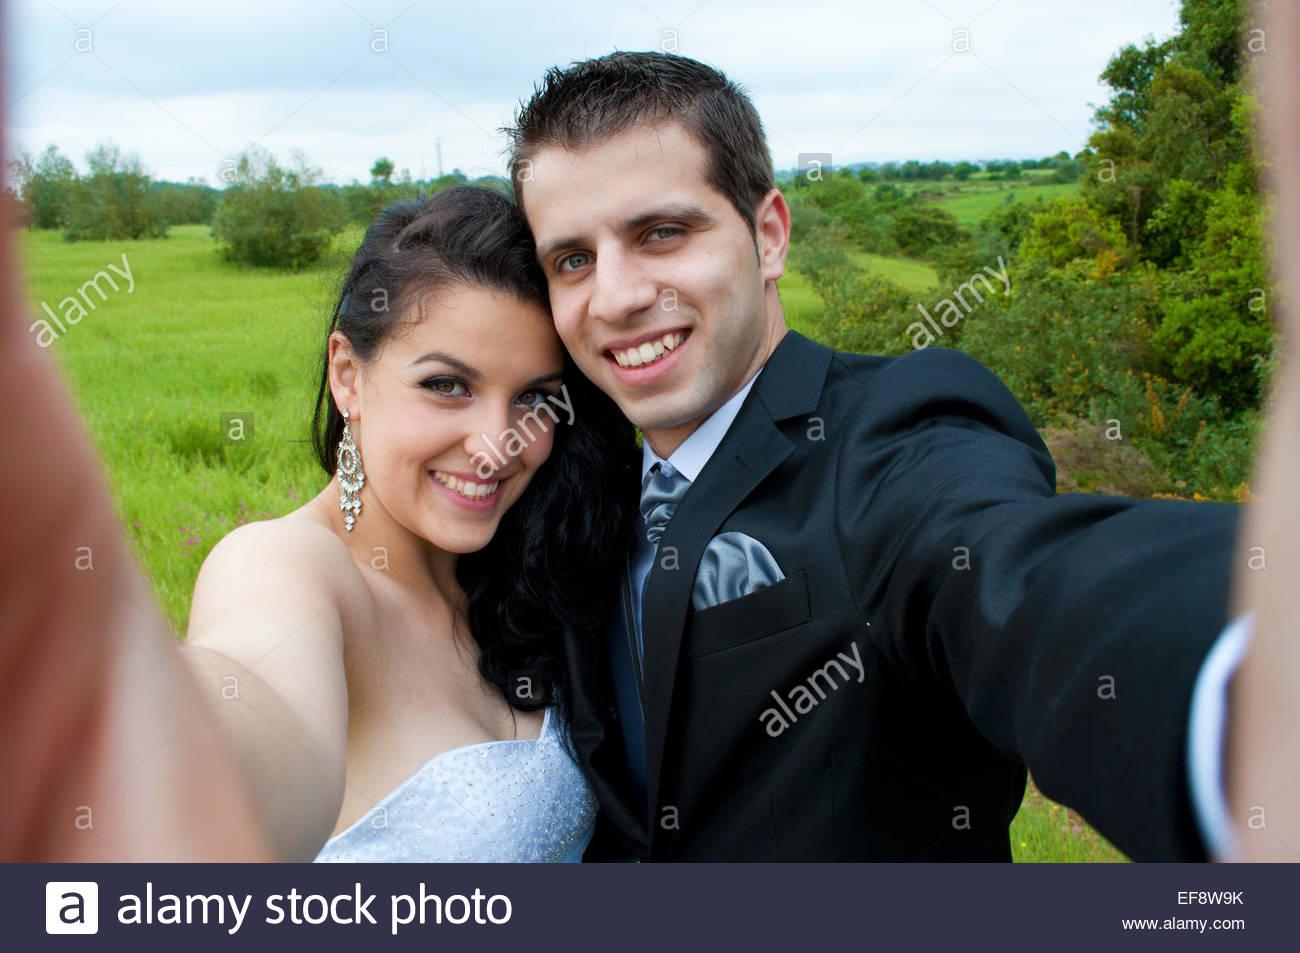 Glückliche Braut und Bräutigam im Freien stehend ein Selfie Stockfoto